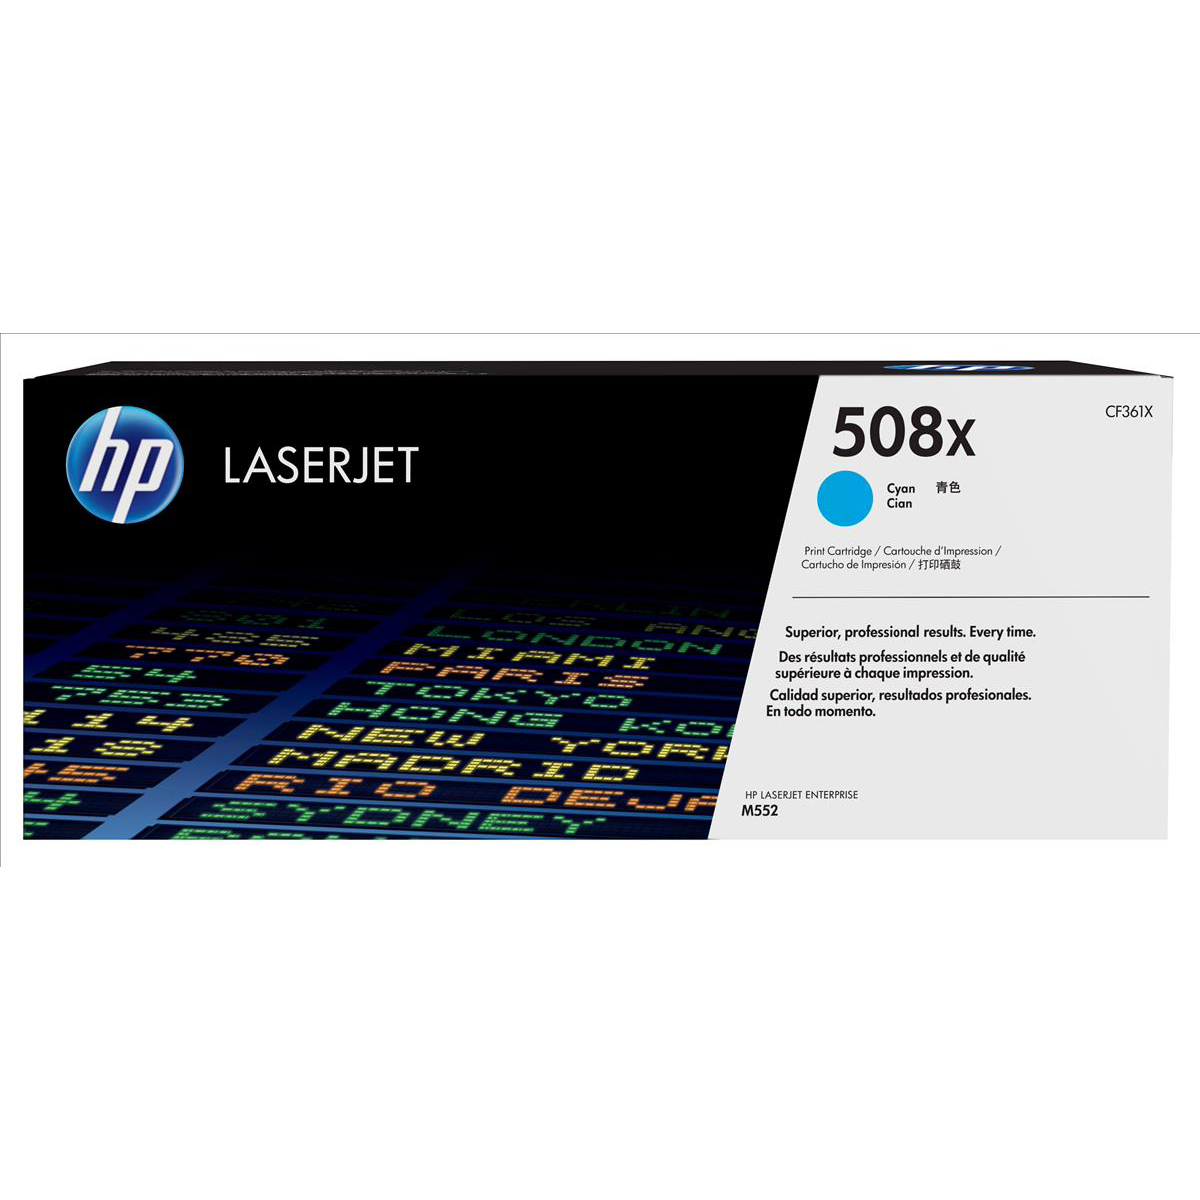 Hewlett Packard [HP] 508X LaserJet Toner Cartridge Page Life 12500pp Cyan Ref CF361X